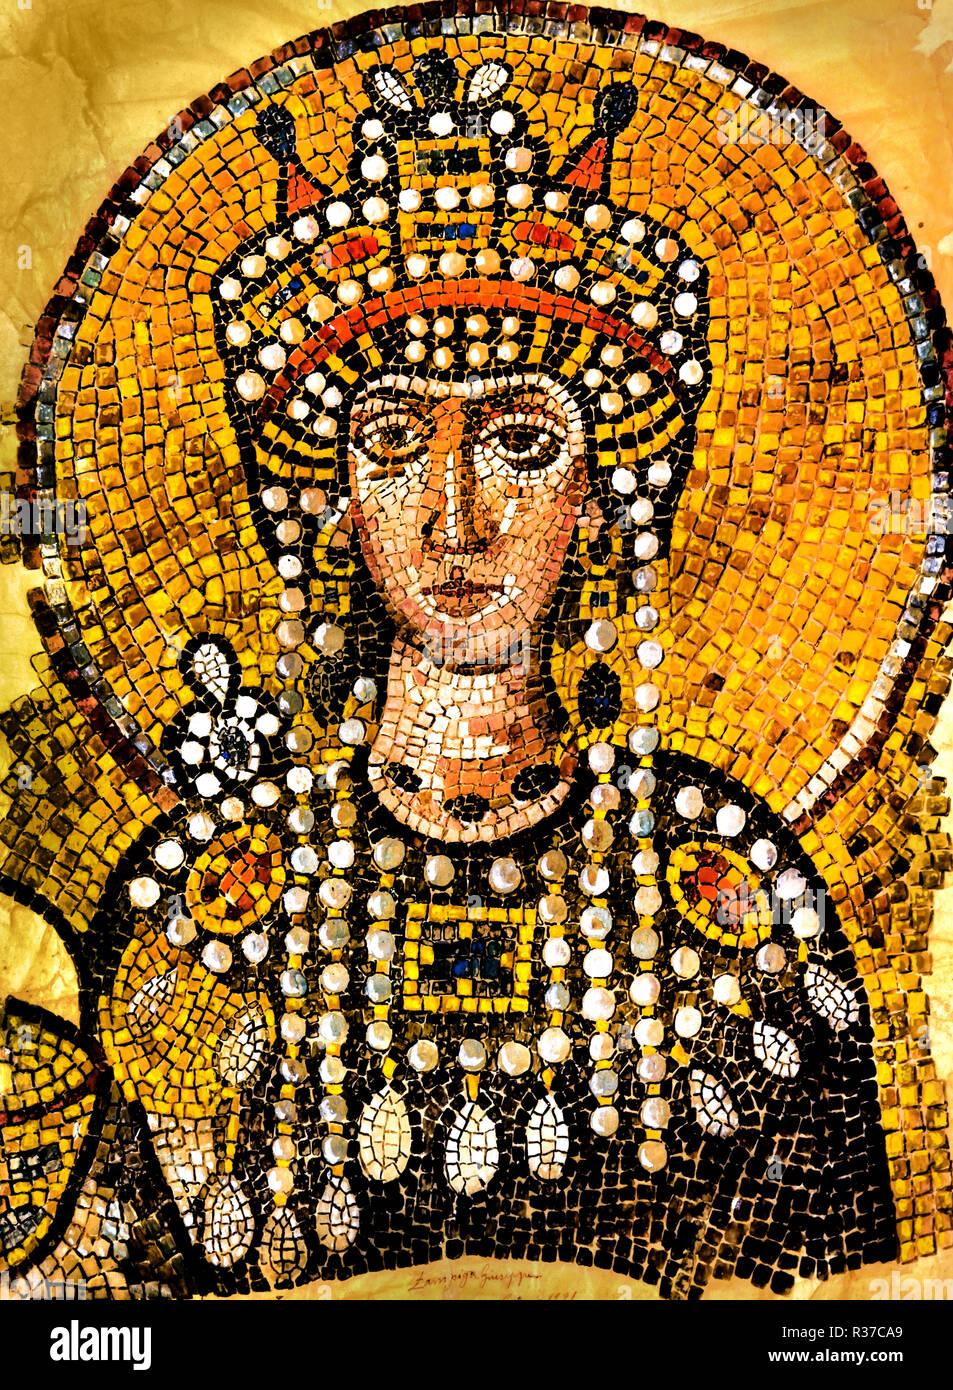 500 - 548 de Théodora impératrice byzantine de l'Empire romain par le mariage à l'empereur Justinien I. Elle était une championne des droits des femmes. Elle a adopté des lois qui interdisent la traite des jeunes filles et a changé les lois ayant une incidence sur le divorce pour donner plus d'avantages pour les femmes. Photo Stock